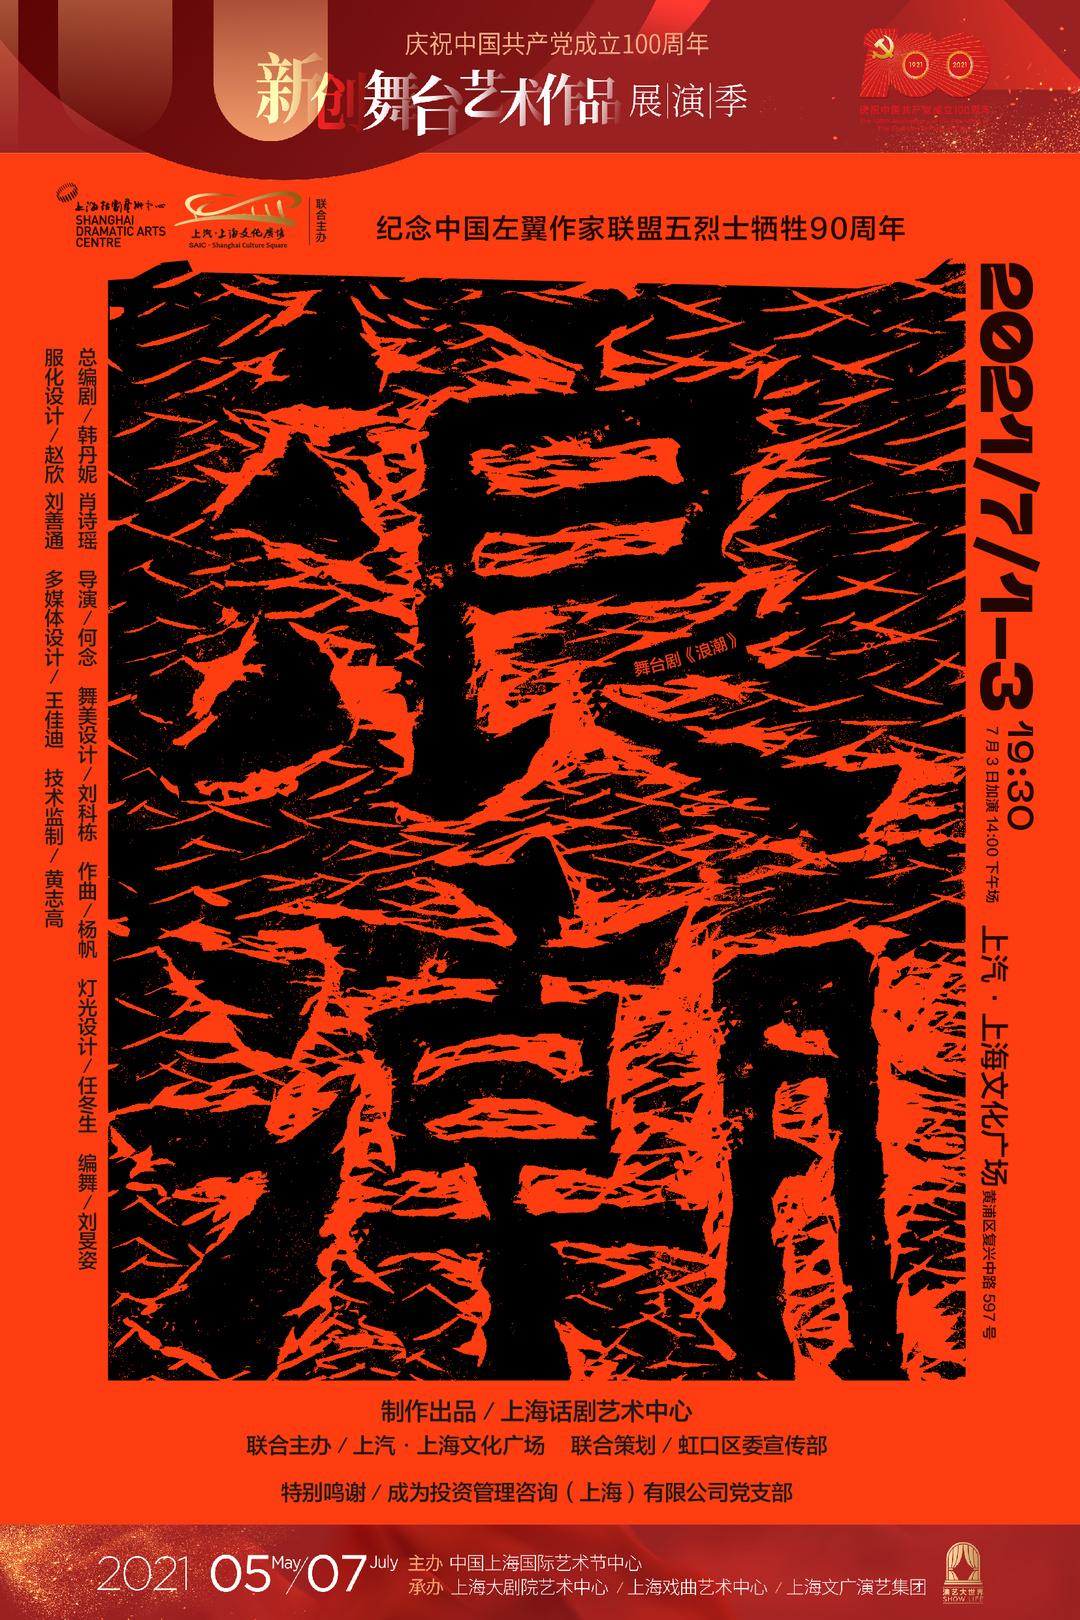 舞台剧《浪潮》7月演出海报.jpg